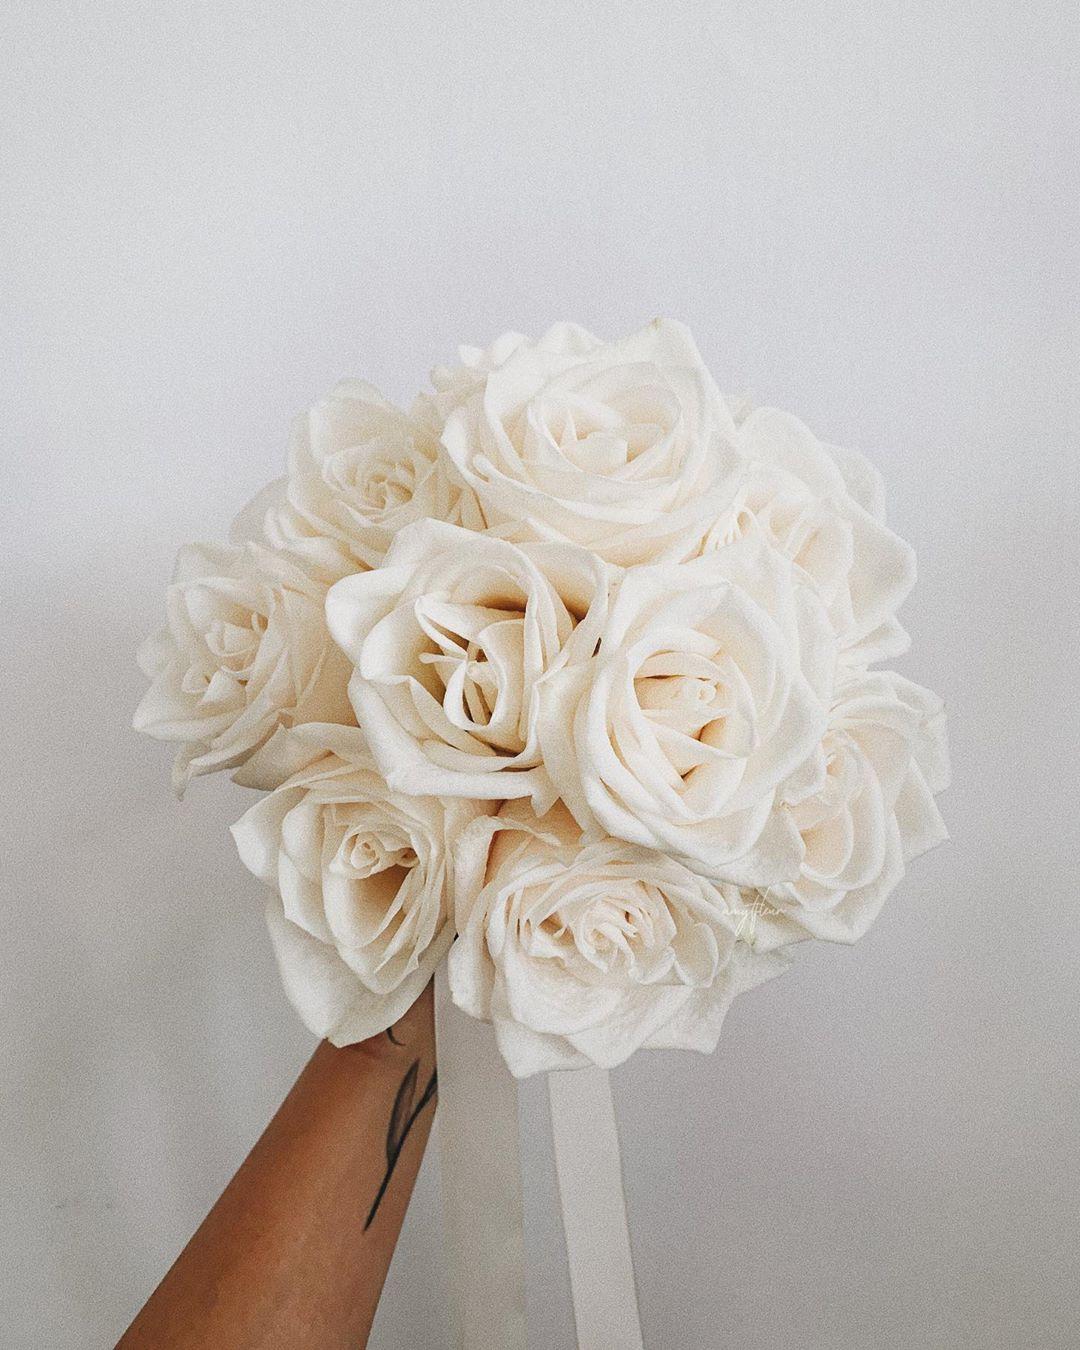 cánh tay cầm bó hoa cưới dáng trong biedermeier làm từ hoa hồng trắng